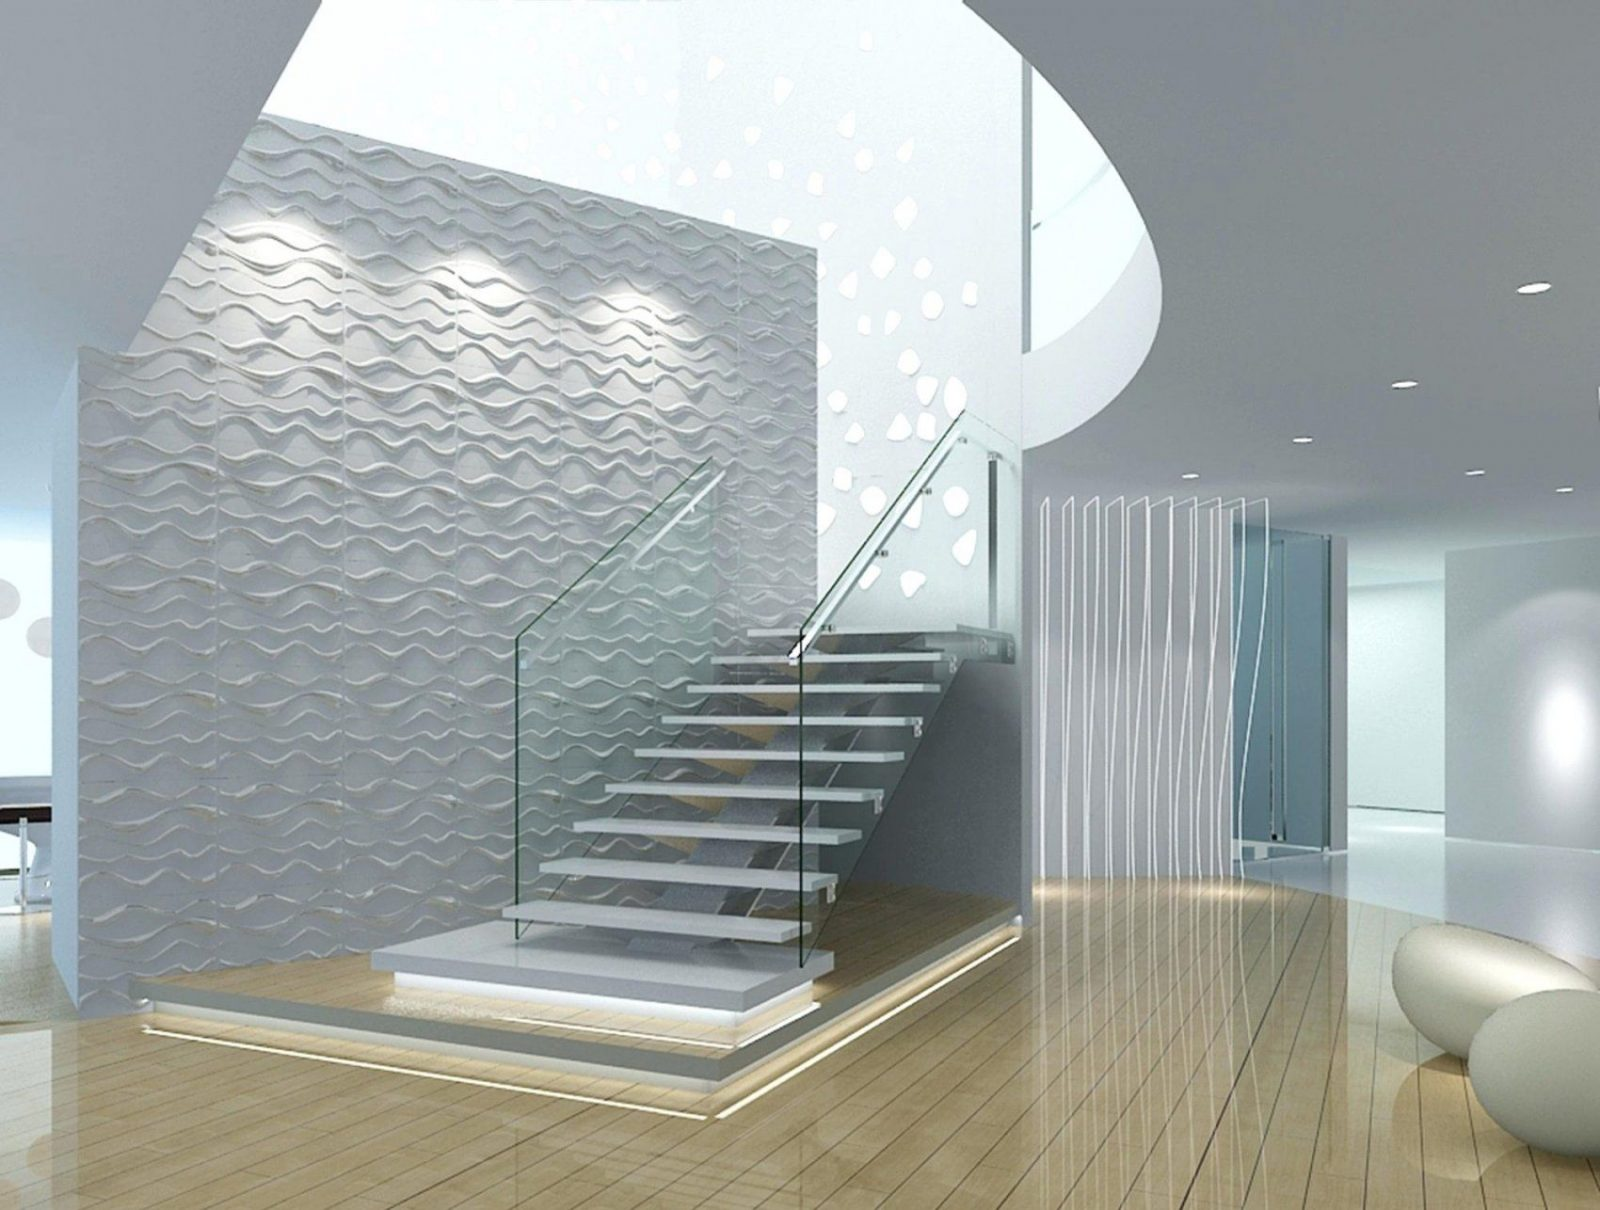 Paneele Streichen D Wandpaneel Calliston V Furnierte Weiss von Holzpaneele Streichen Ohne Schleifen Bild